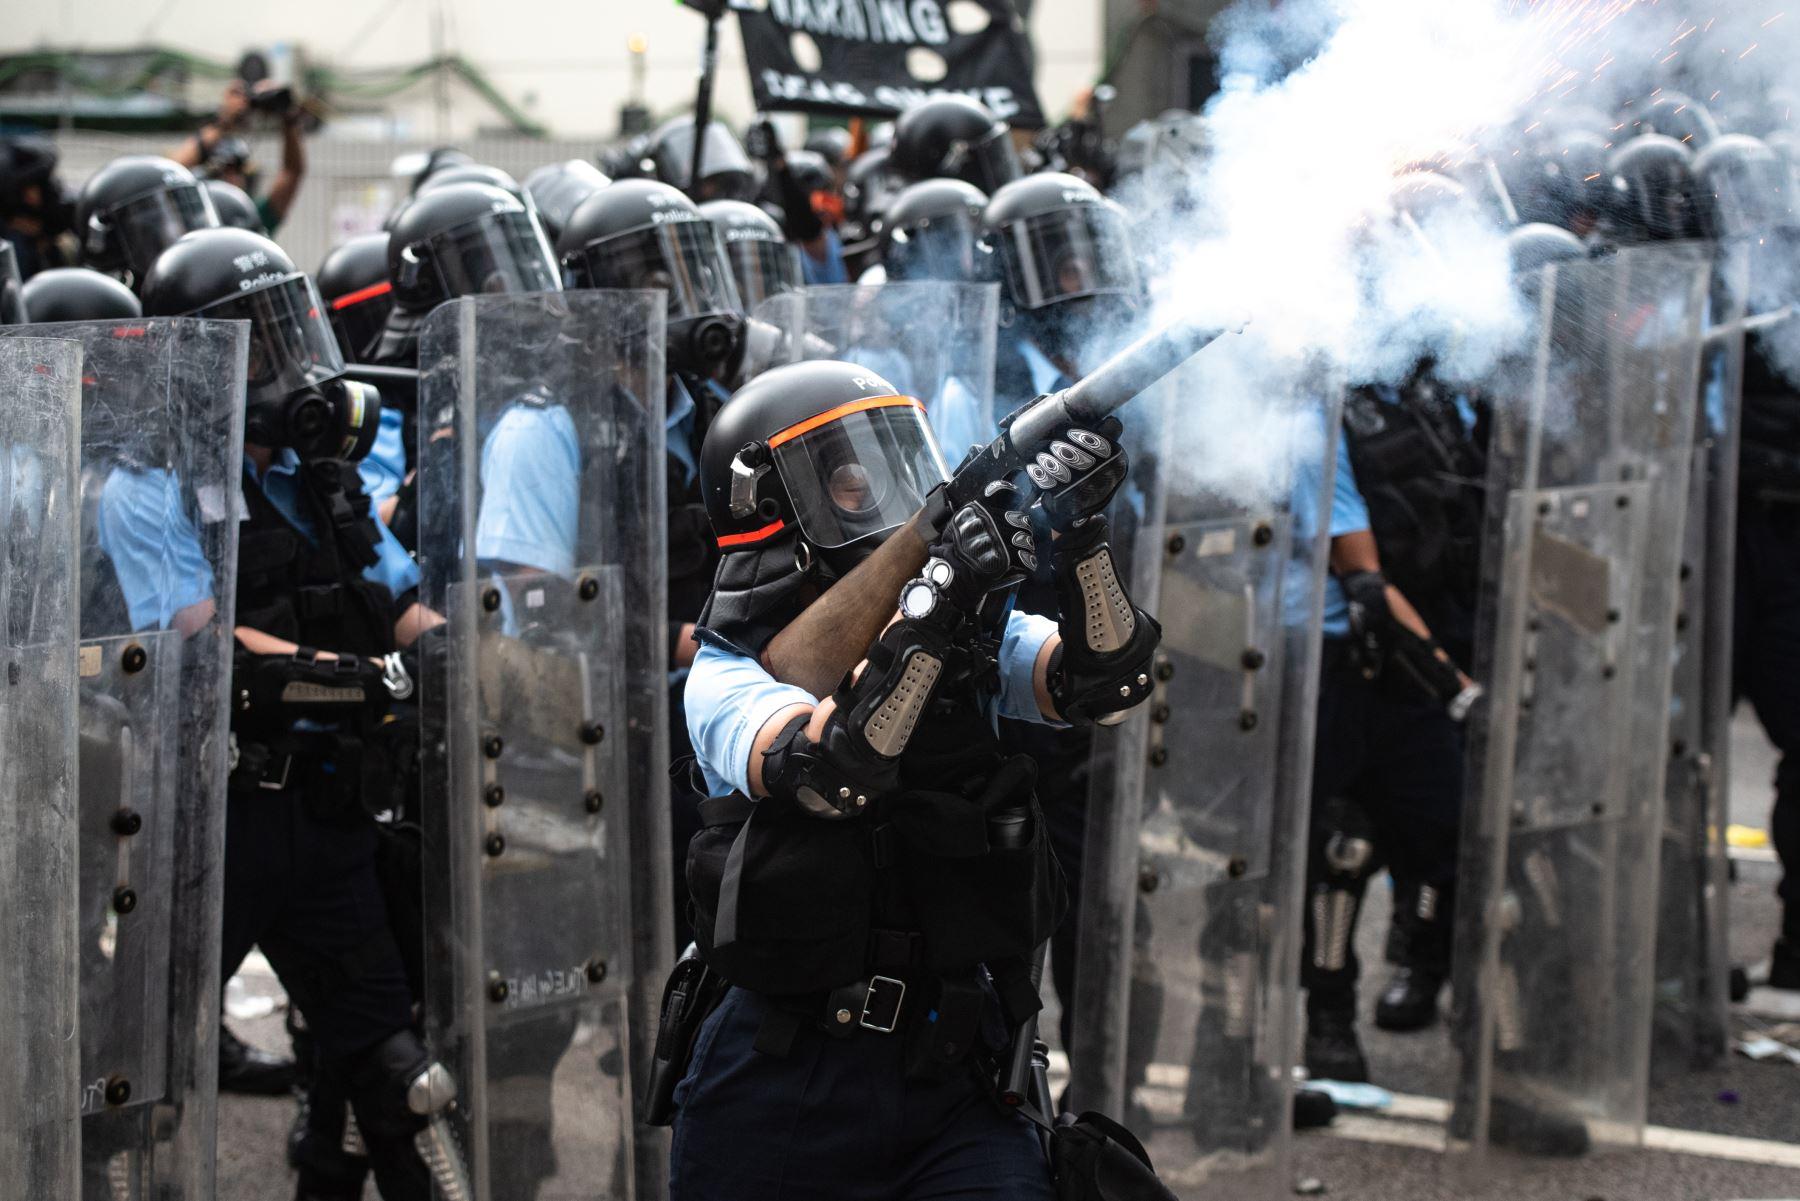 Violentos enfrentamientos estallaron en Hong Kong cuando la policía trató de detener a los manifestantes que irrumpían en el Parlamento Mientras que decenas de miles de personas bloquearon arterias clave en una demostración de fuerza contra los planes del gobierno para permitir la extradición a China. Foto: AFP